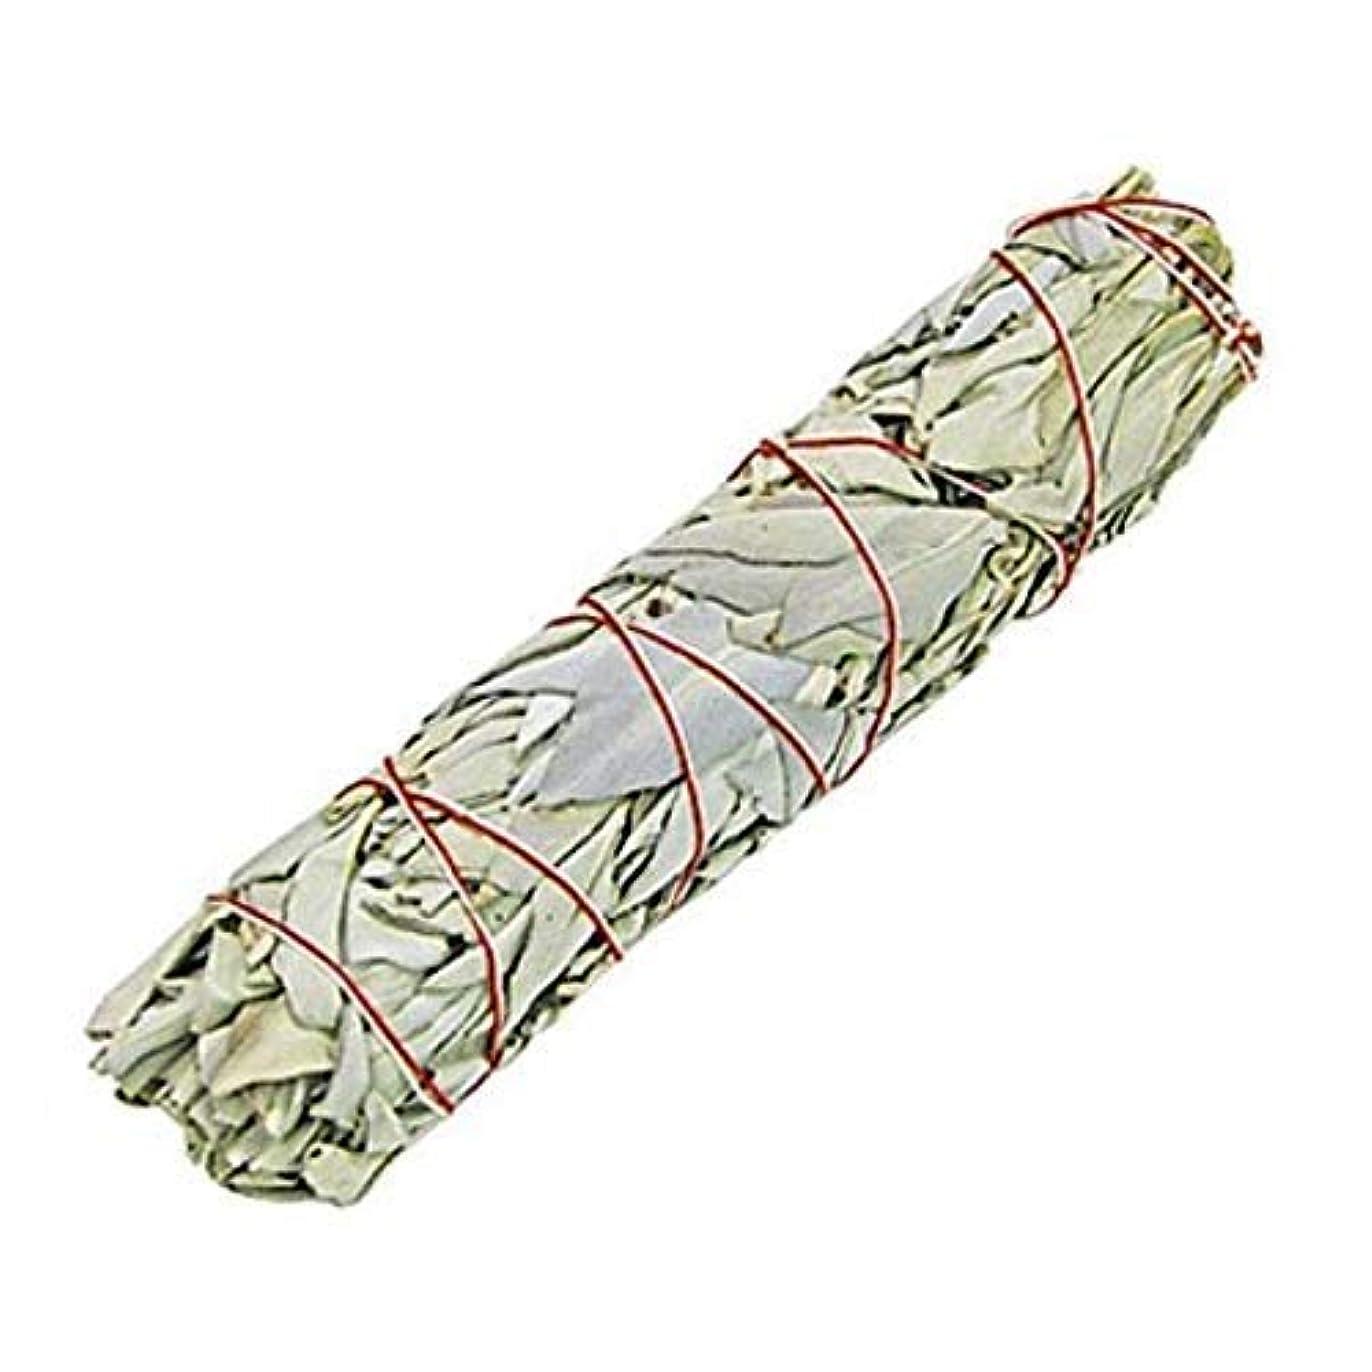 パーセント生じるエレベーターIndian White Sage Smudge Sticks, 6 Inch Long, Home Cleansing, Blessing, Manifesting, 1 Sticks (100 Grams)